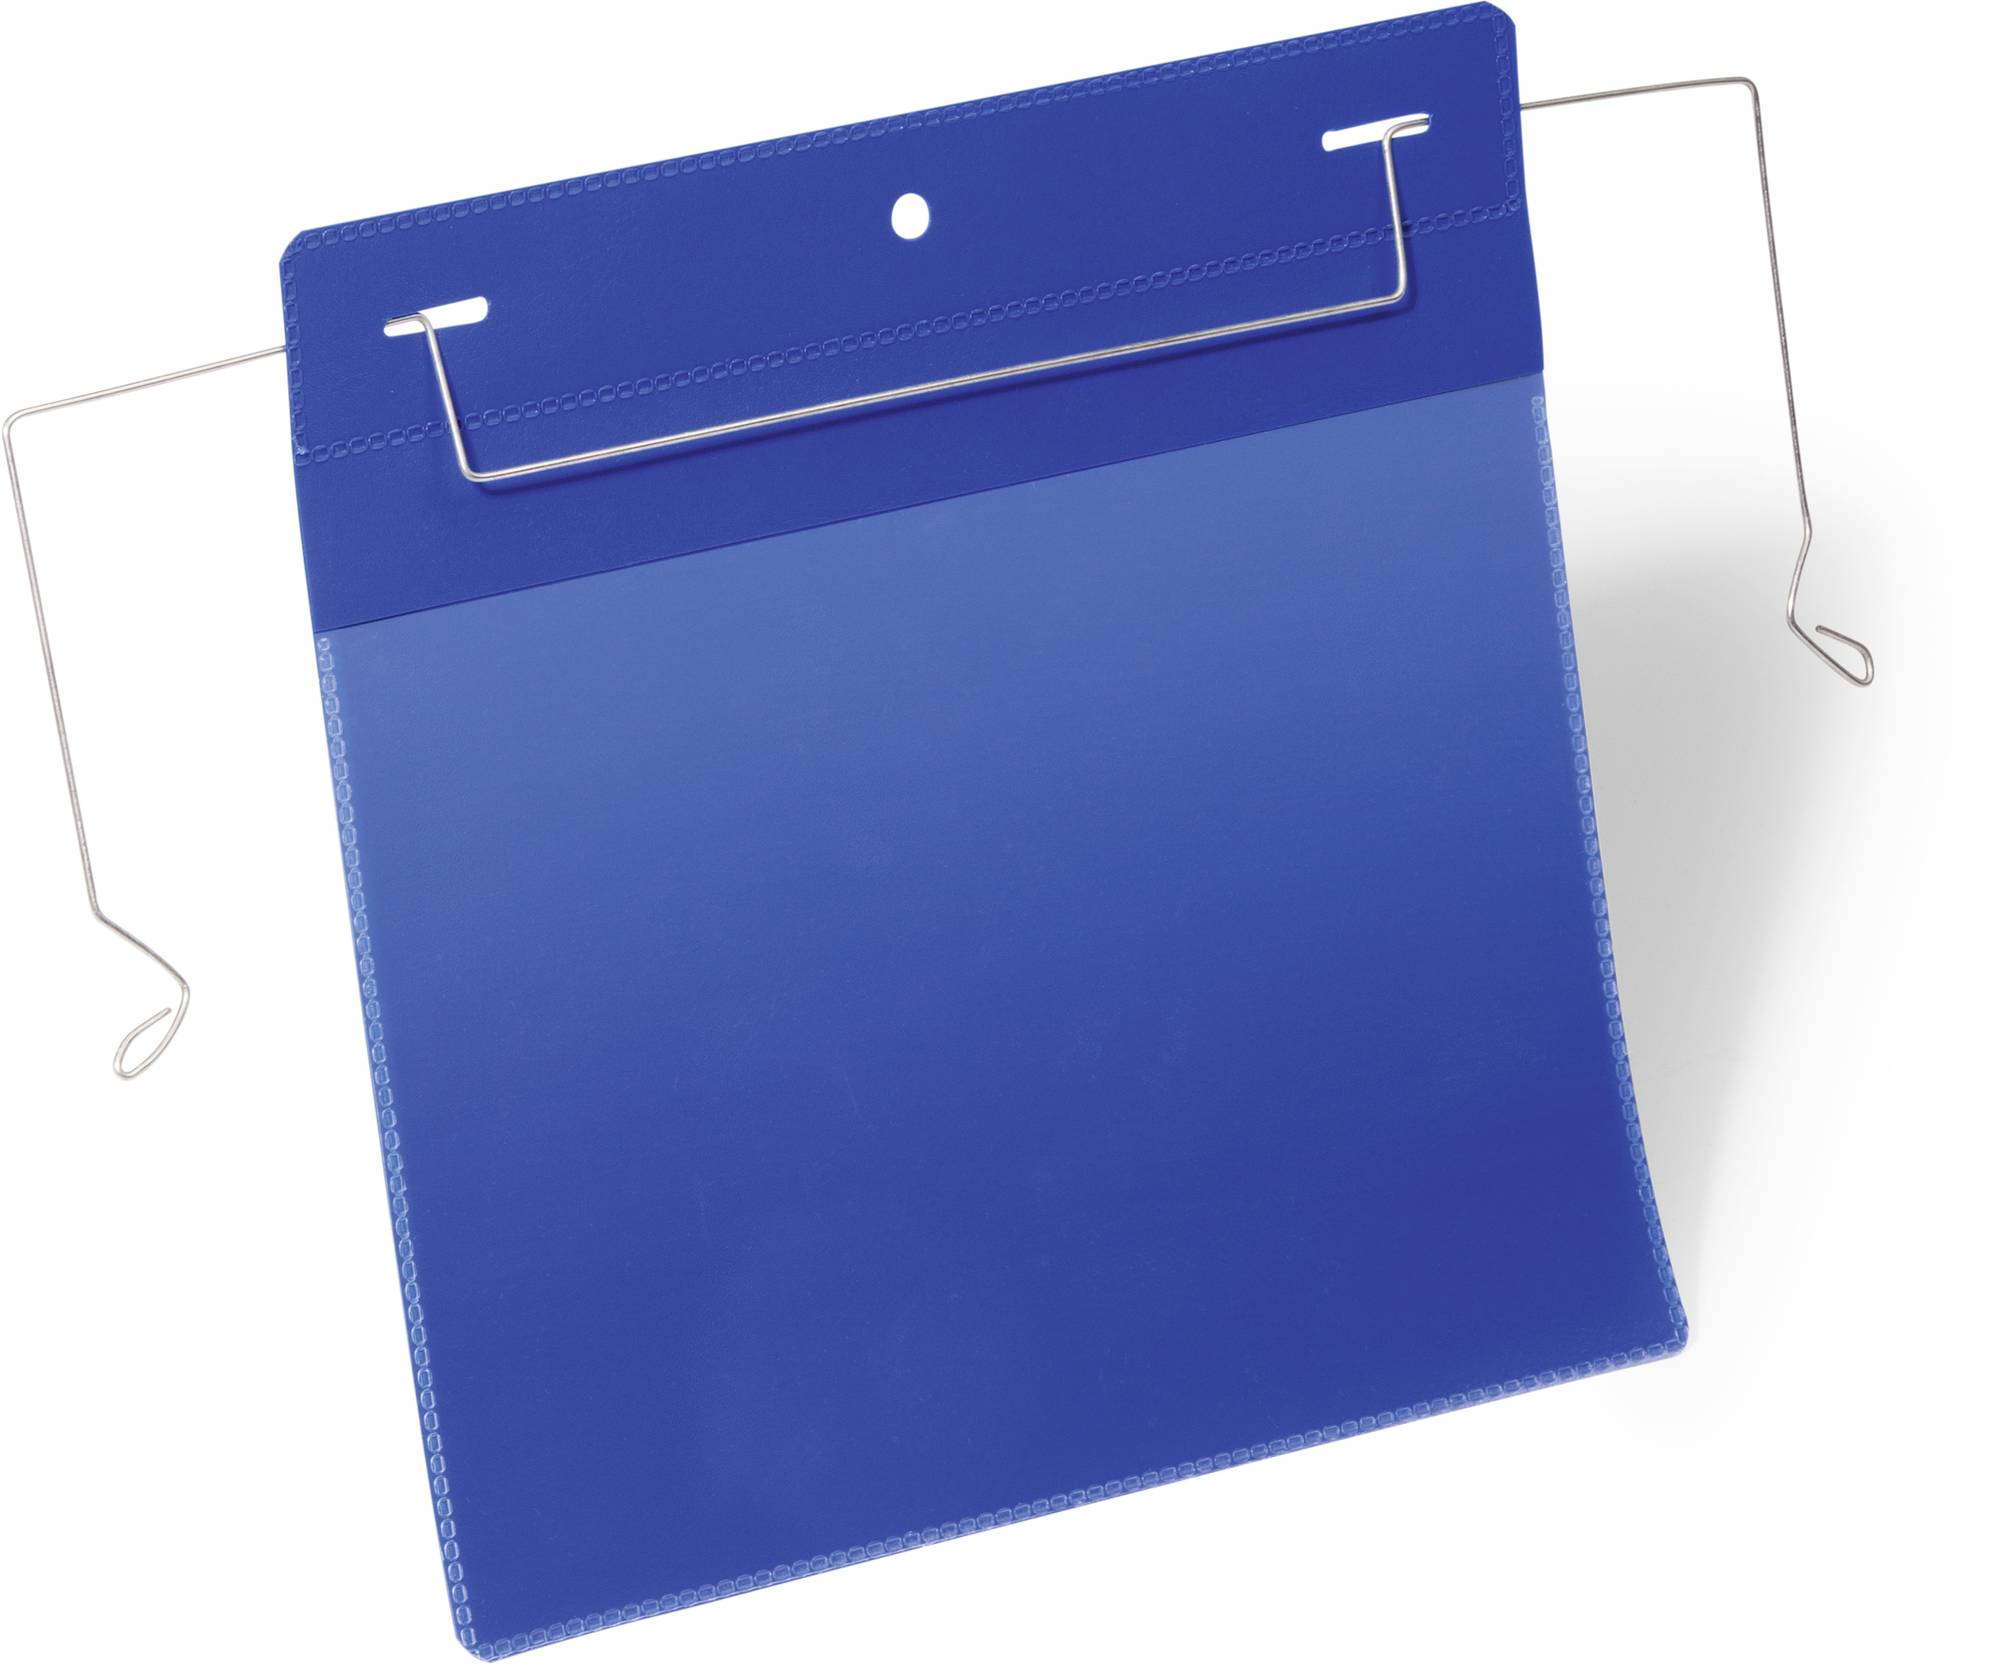 Blaue Drahtbügeltasche A5 quer, Dokumententaschen mit flexiblem Drahtbügel zur Befestigung